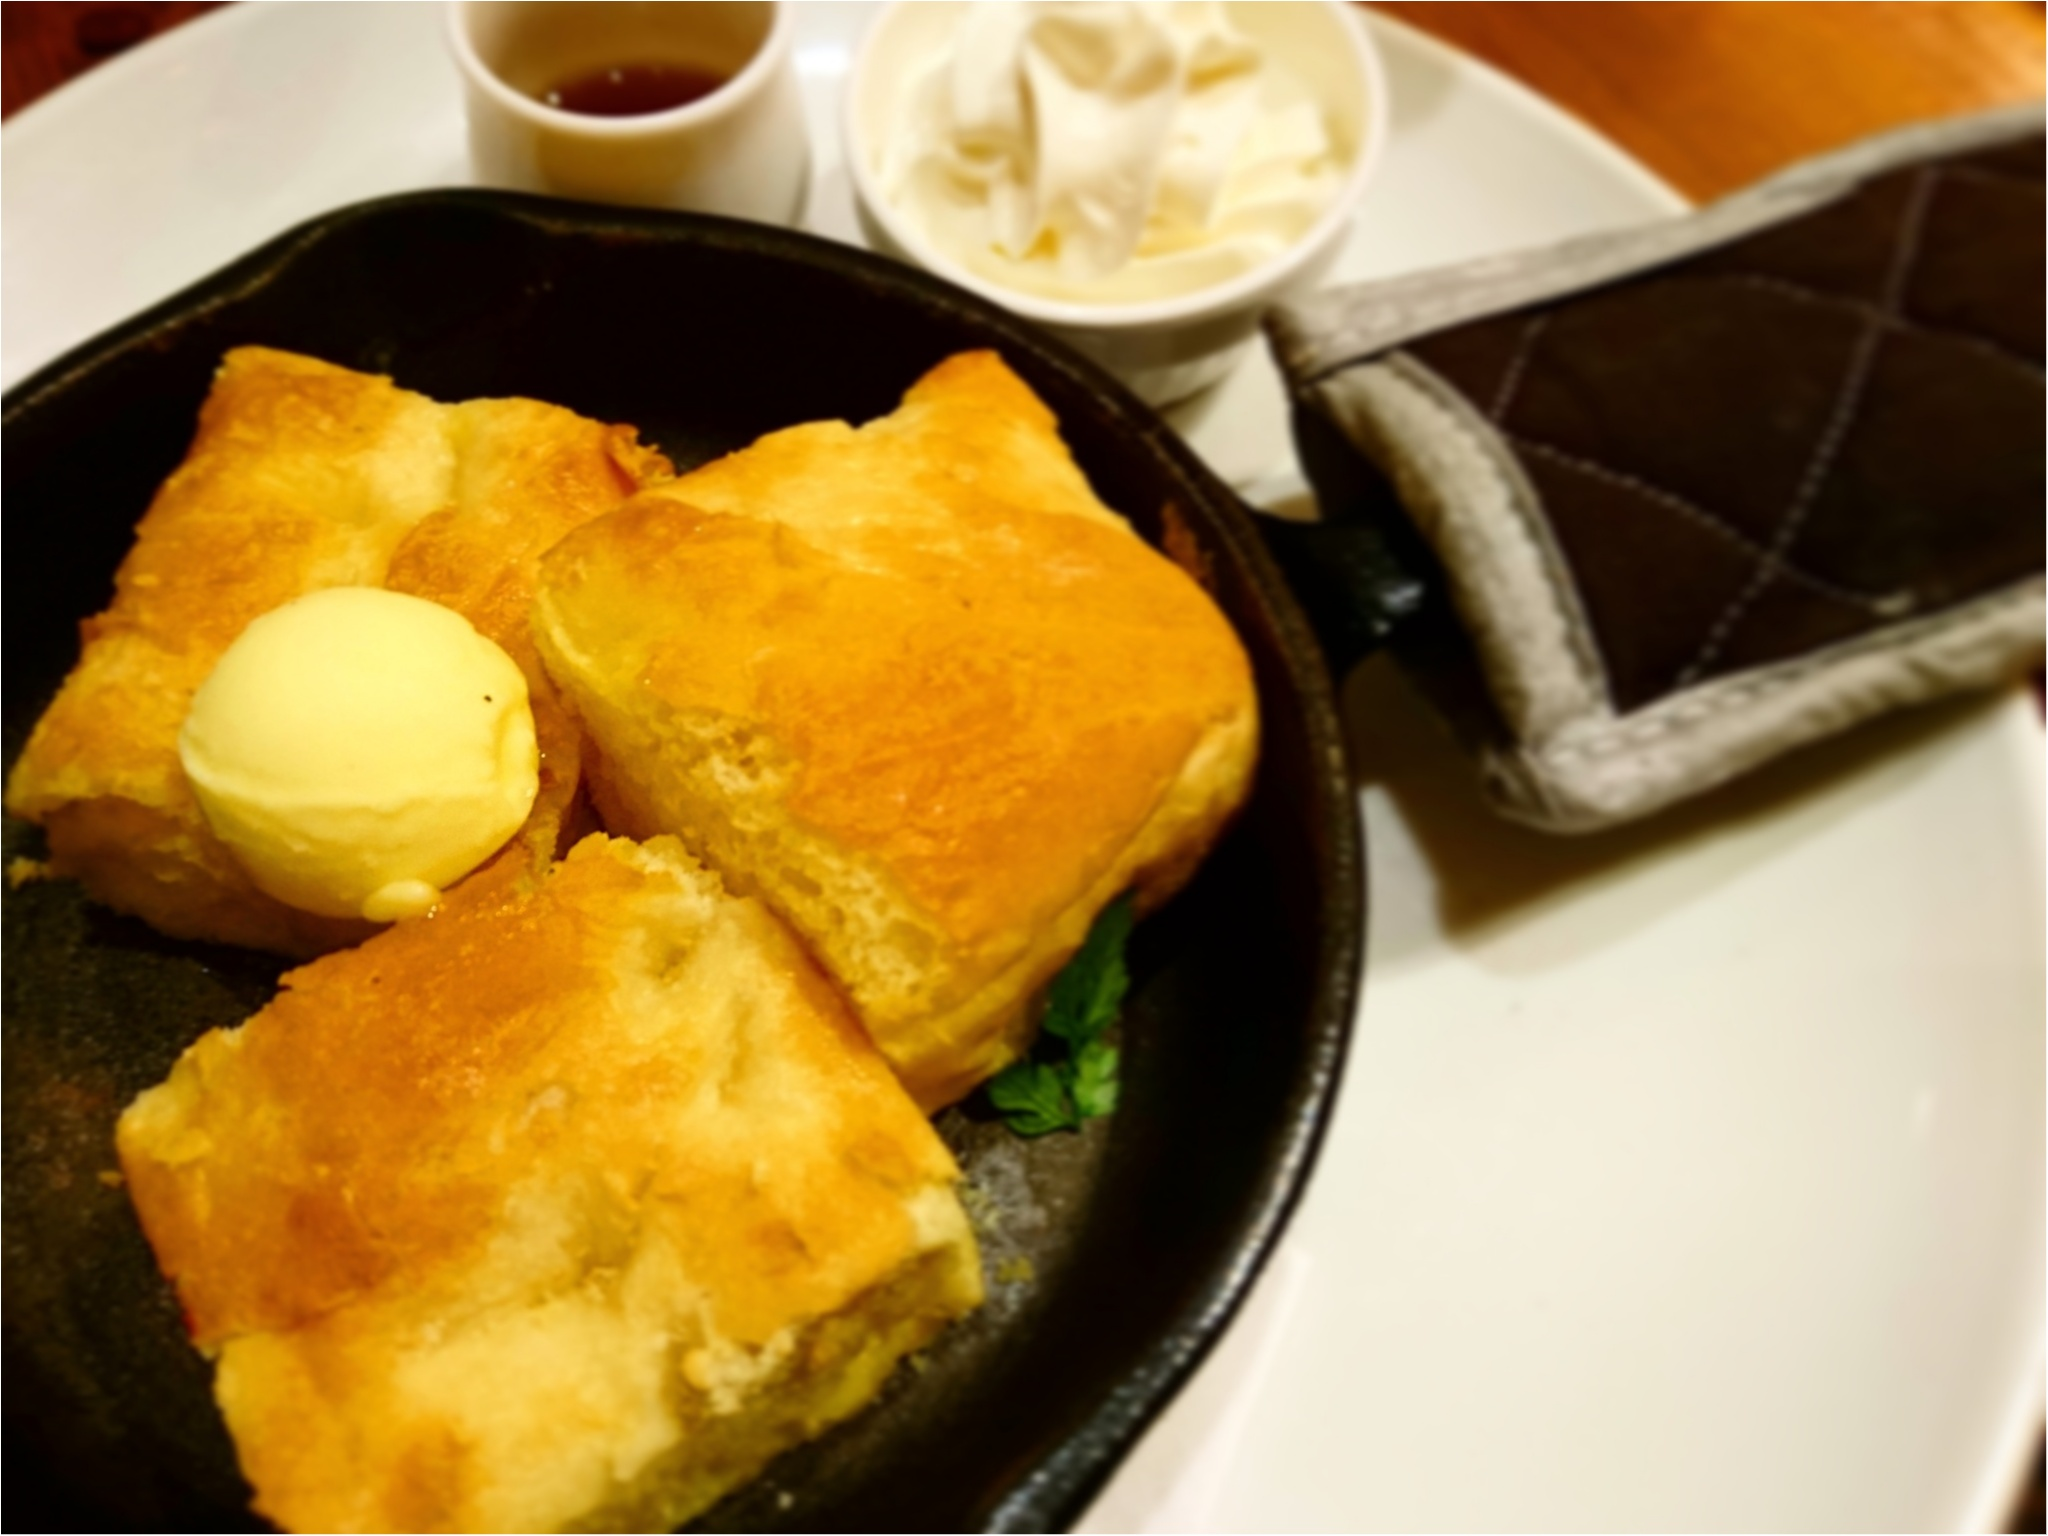 """【グルメ】外はサクサク、中はふわもちの新感覚グルメ """" フレンチトースト """" 専門店『 Hug French Toast Baking Factory 』 _1"""